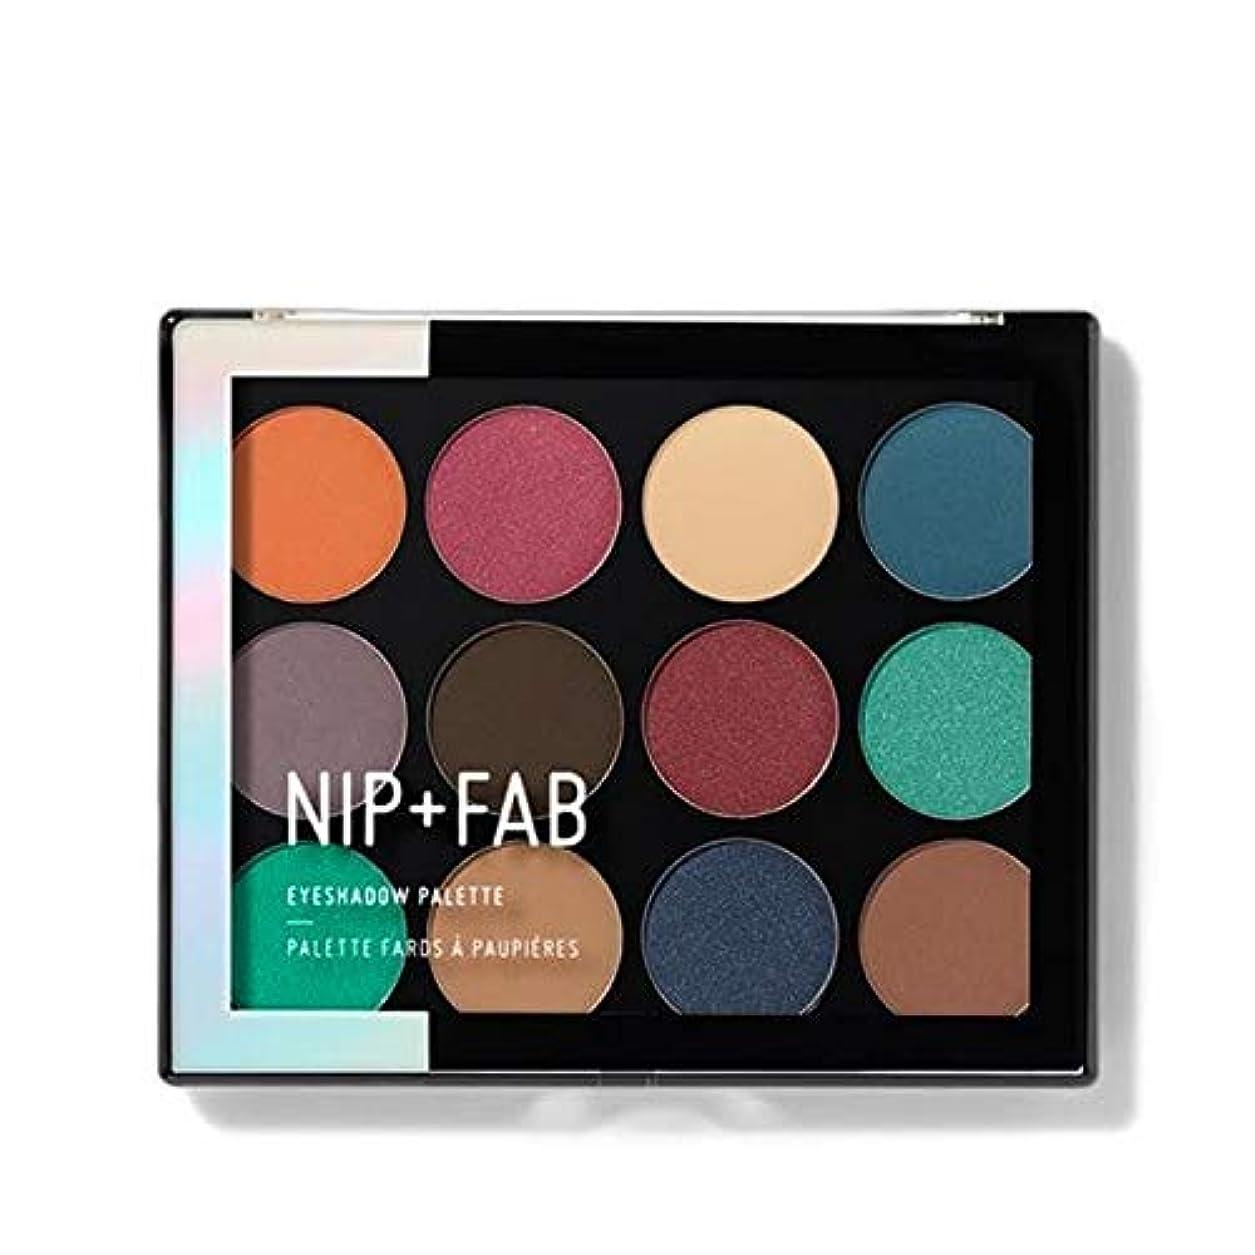 力有毒な息切れ[Nip & Fab ] アイシャドウパレット12グラムが3宝石作るFab +ニップ - NIP+FAB Make Up Eyeshadow Palette 12g Jewelled 3 [並行輸入品]